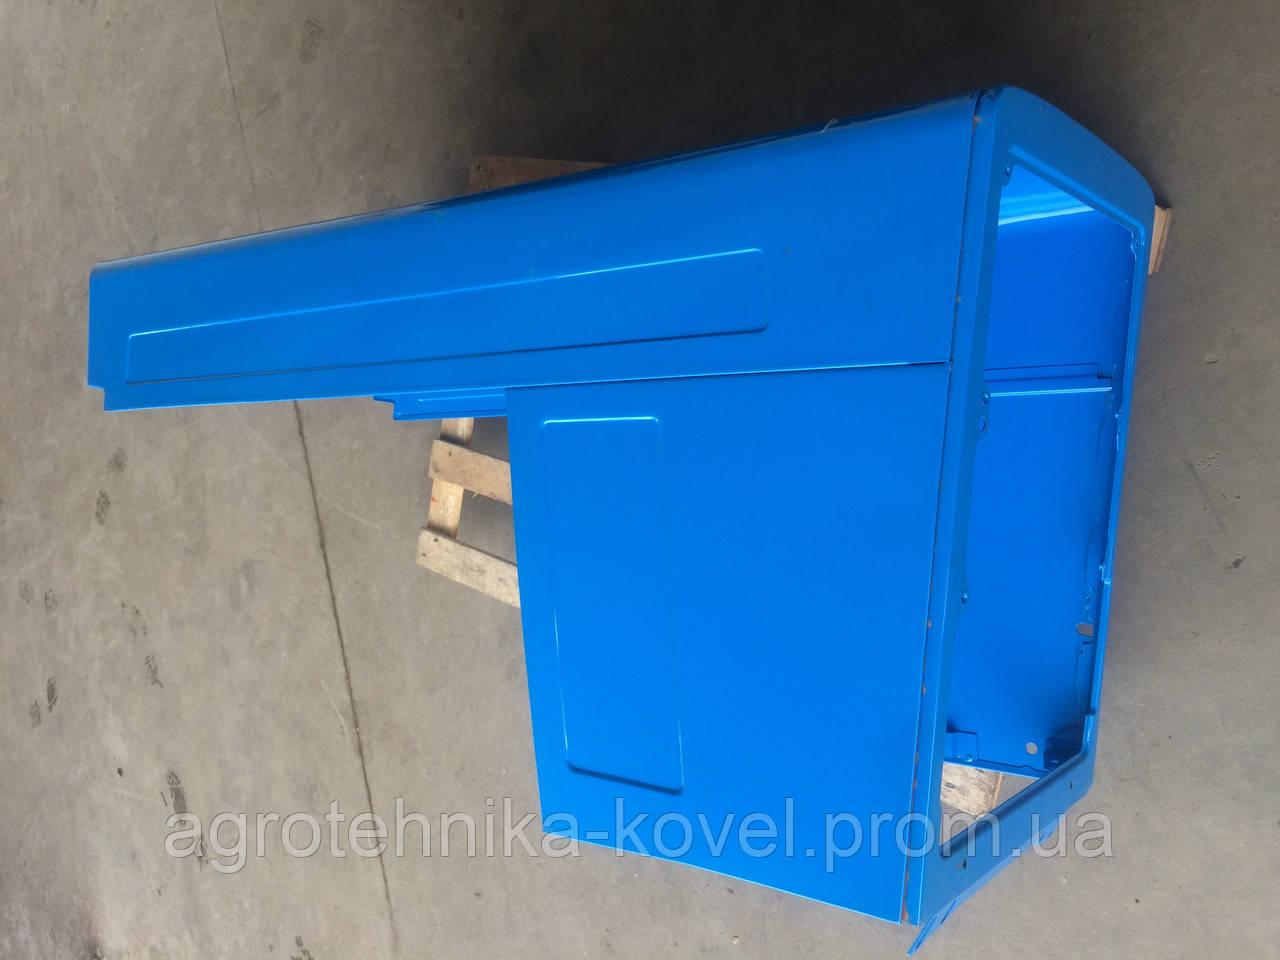 Универсальный капот МТЗ-80, МТЗ-82